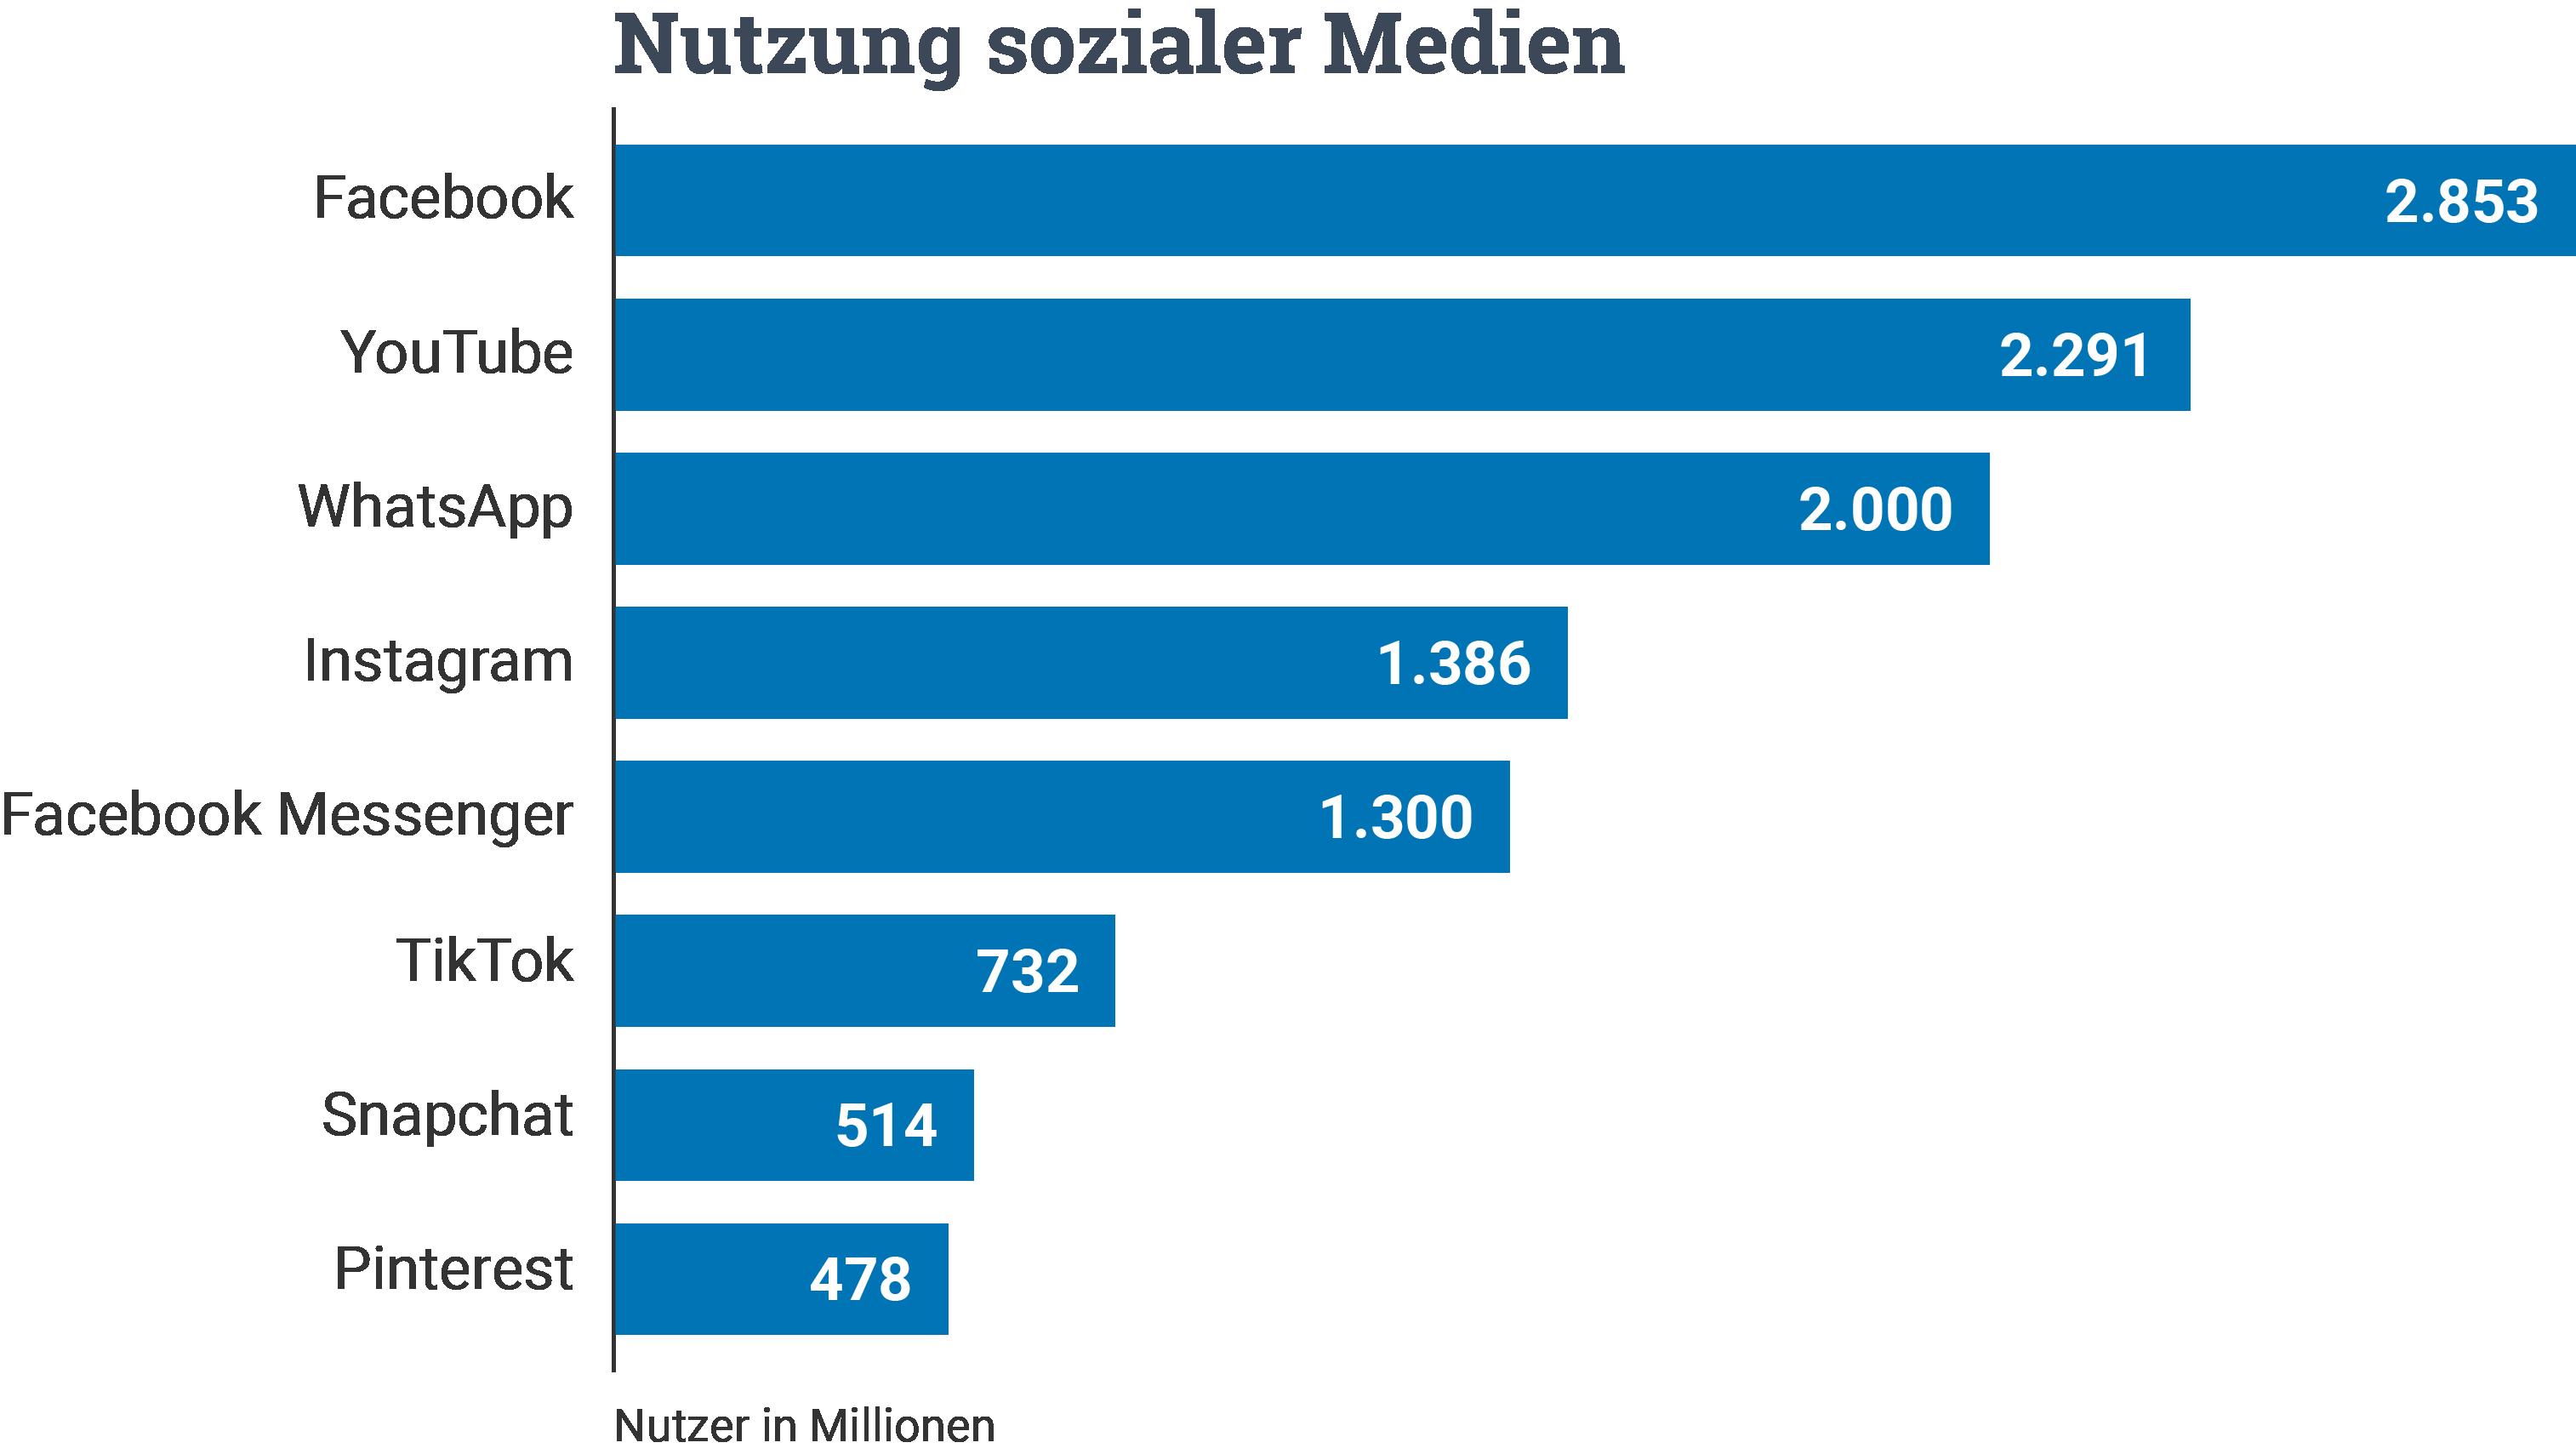 Nutzung soziale Medien Statistik